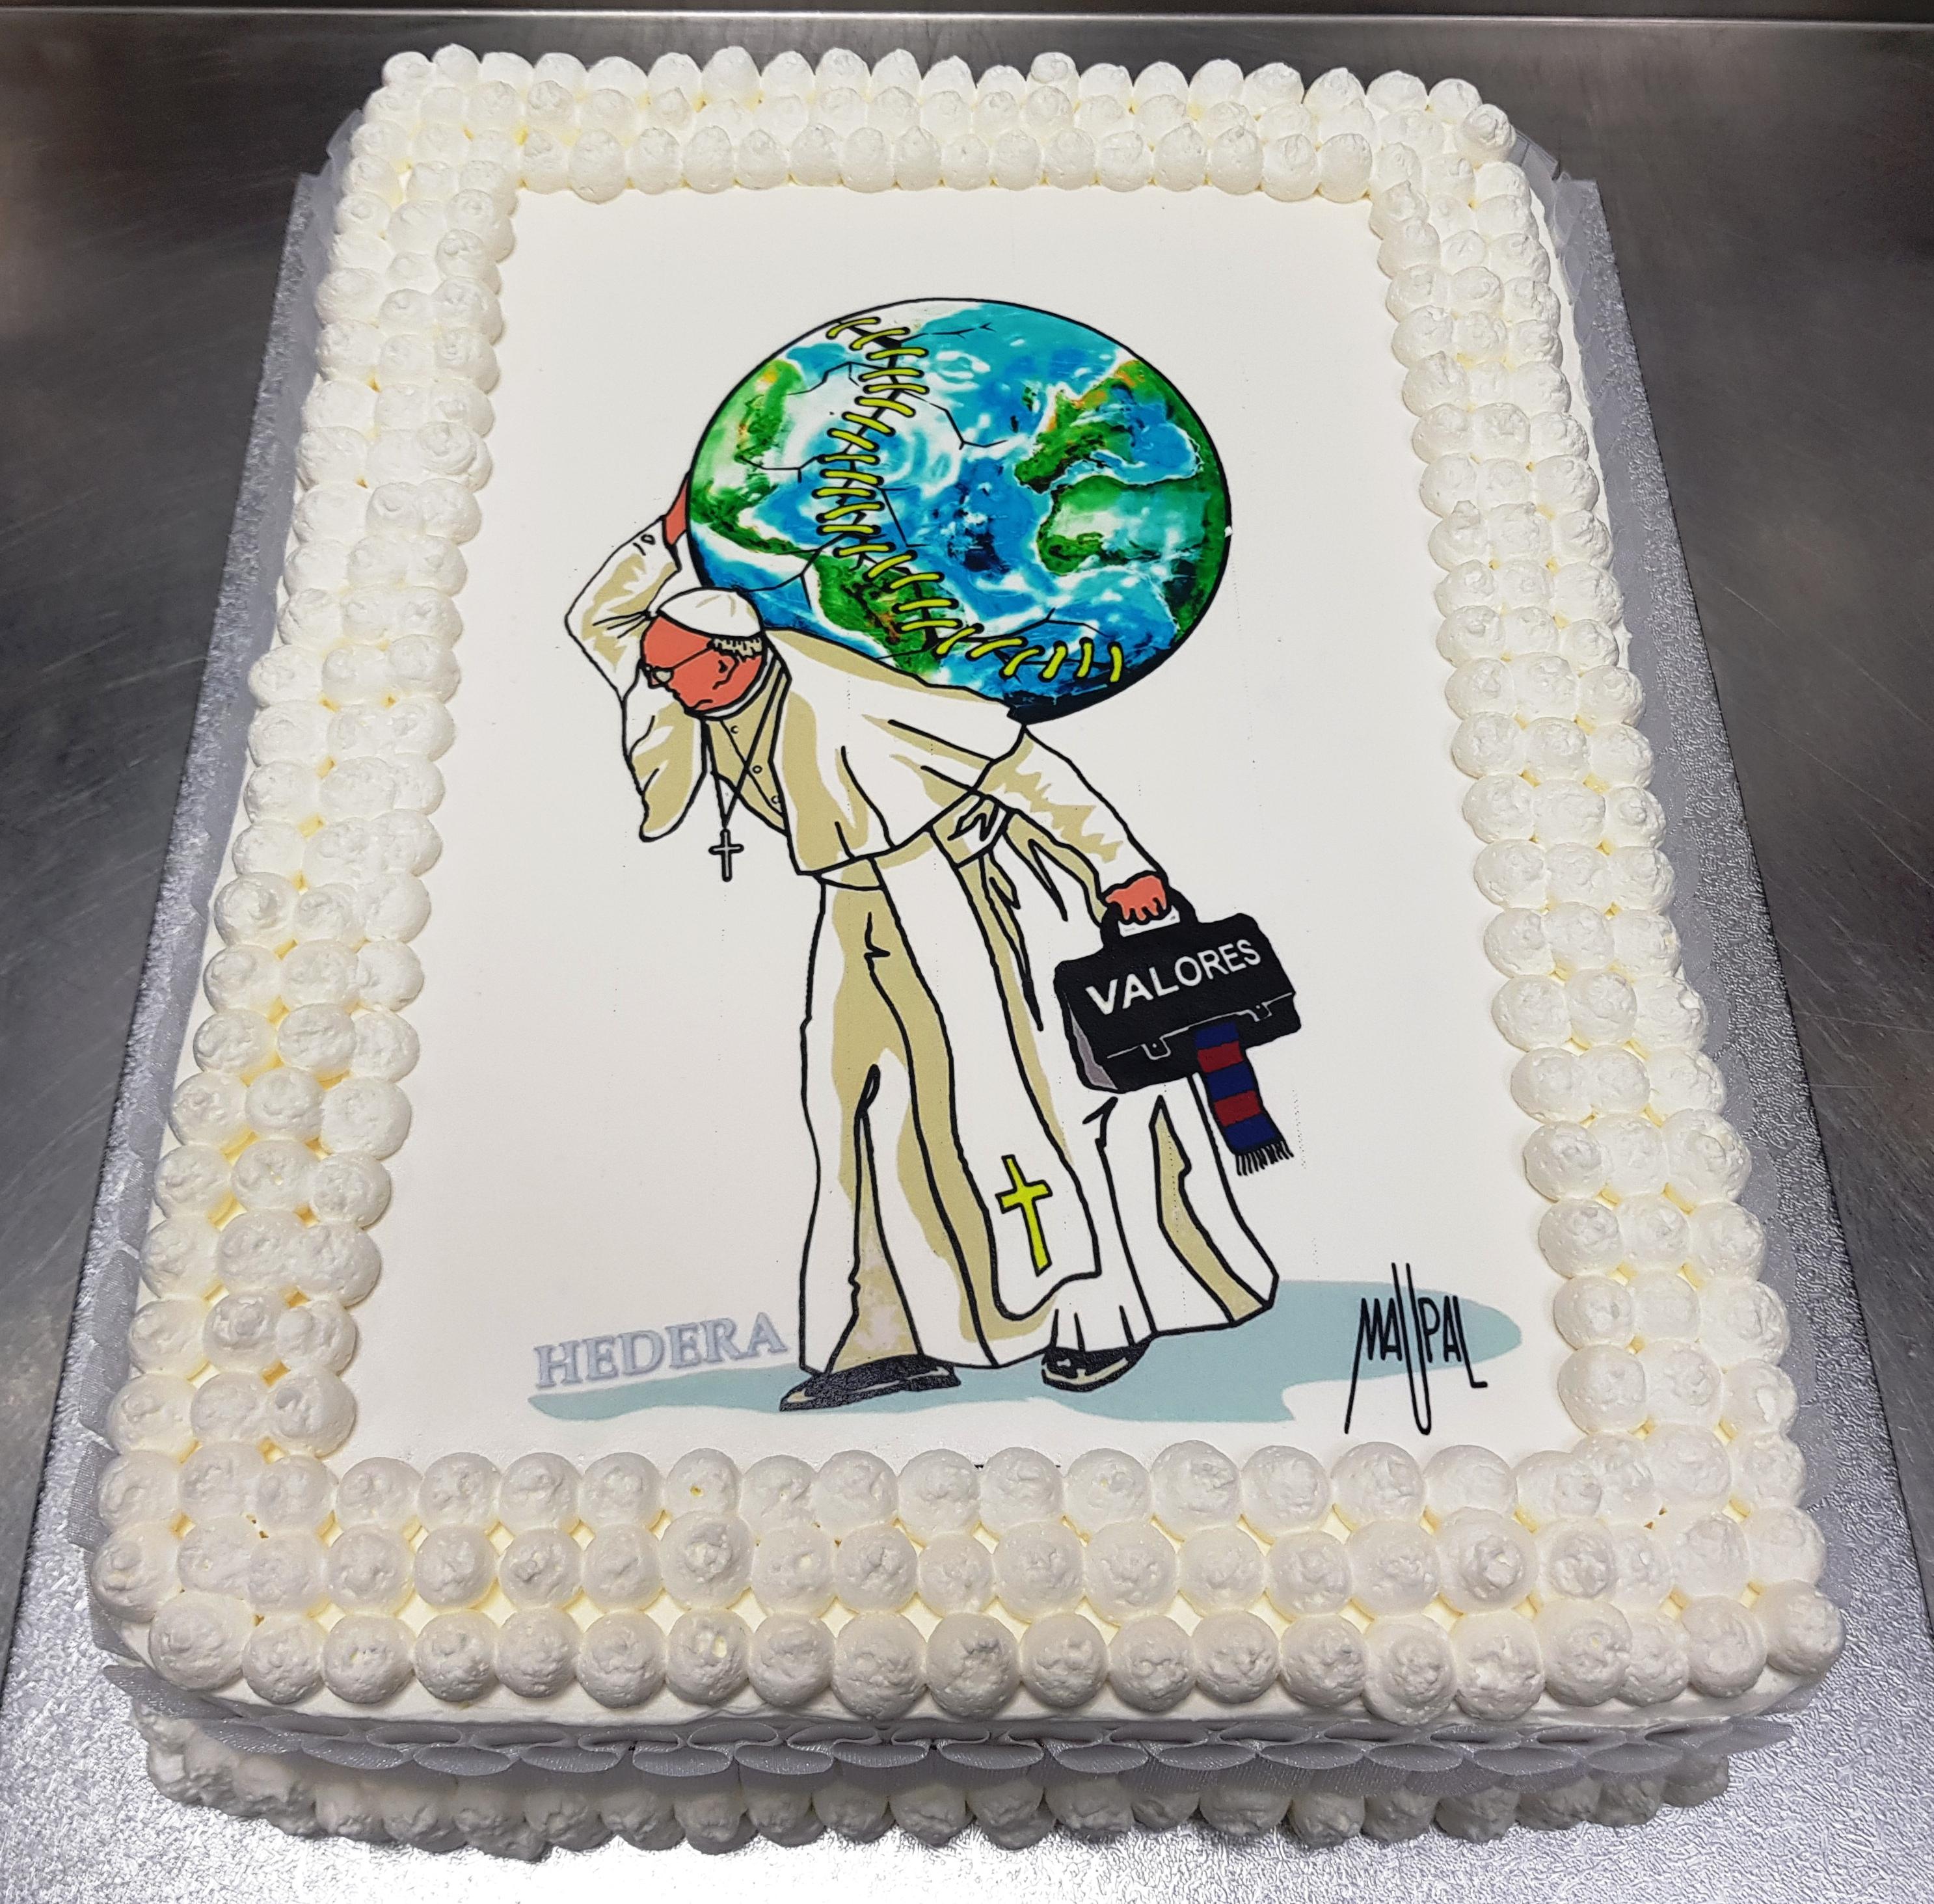 Gâteau d'anniversaire du pape François en 2017 © HEDERA/dessin de Maupal